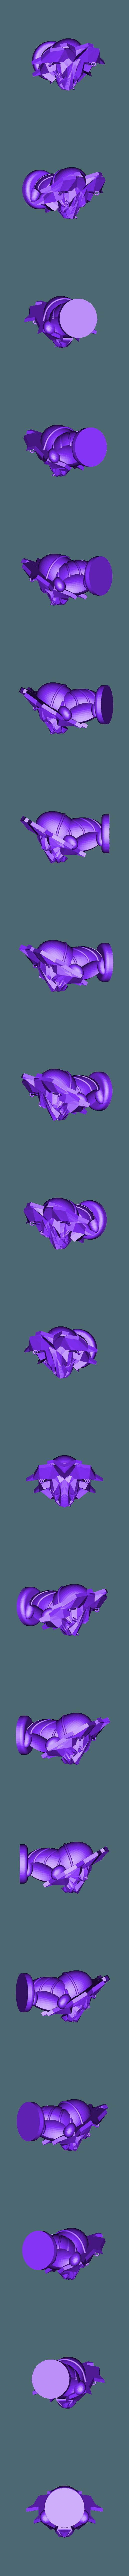 Mr LyonV2.stl Télécharger fichier STL gratuit Ms Hibou, Mr Lion, and Mr Bull • Modèle pour imprimante 3D, arkhauss29